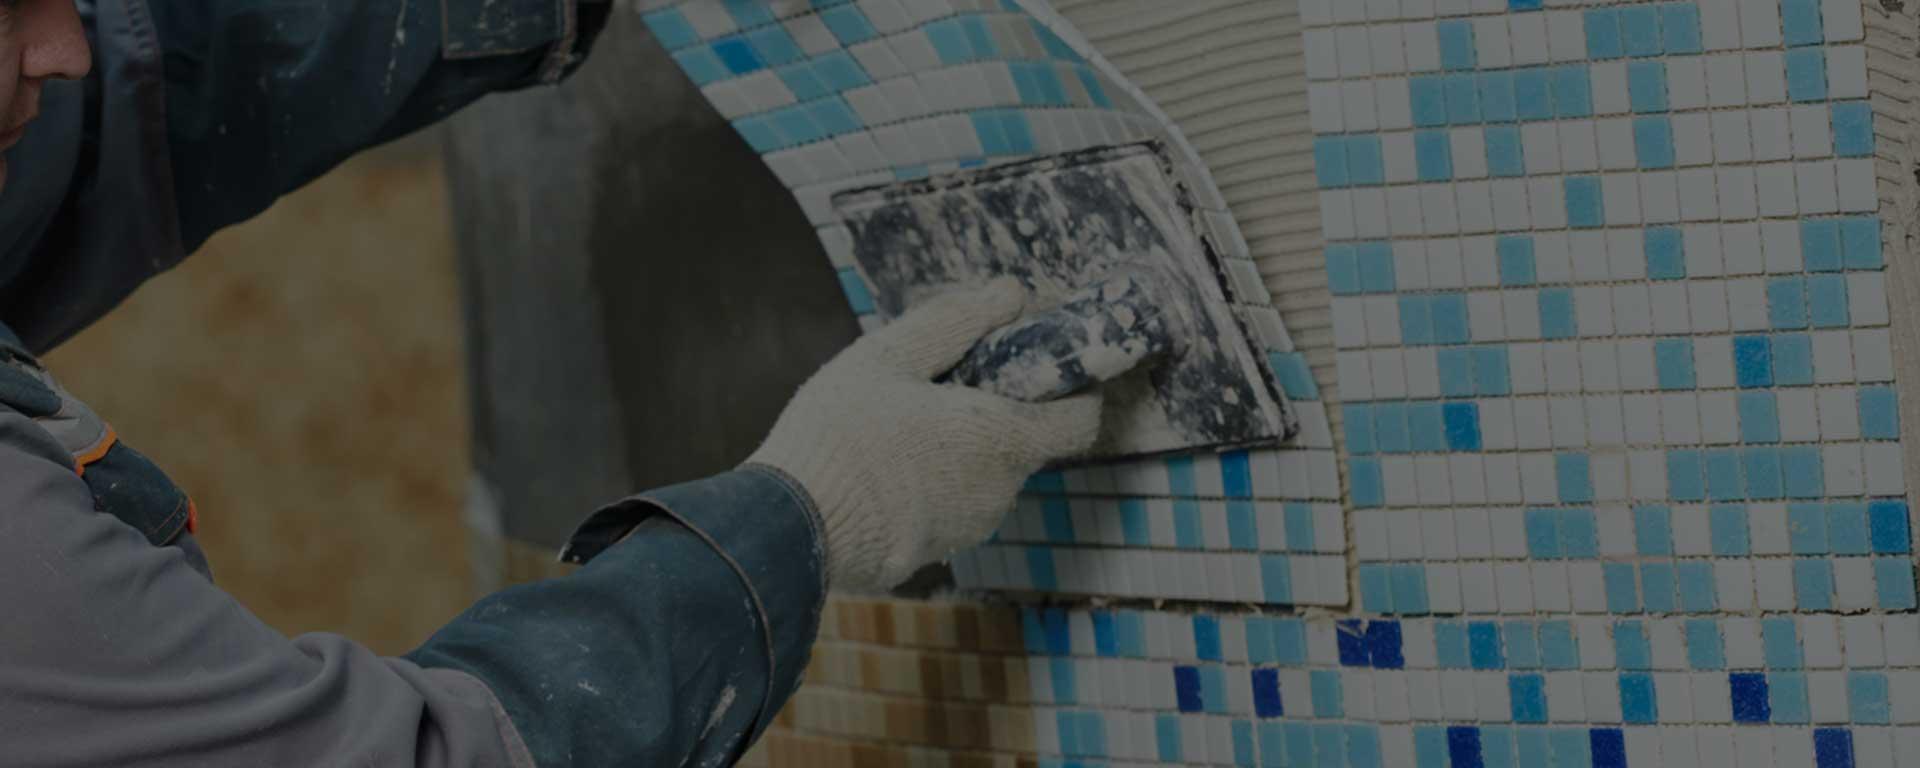 Fliesen legen Mosaik Muster